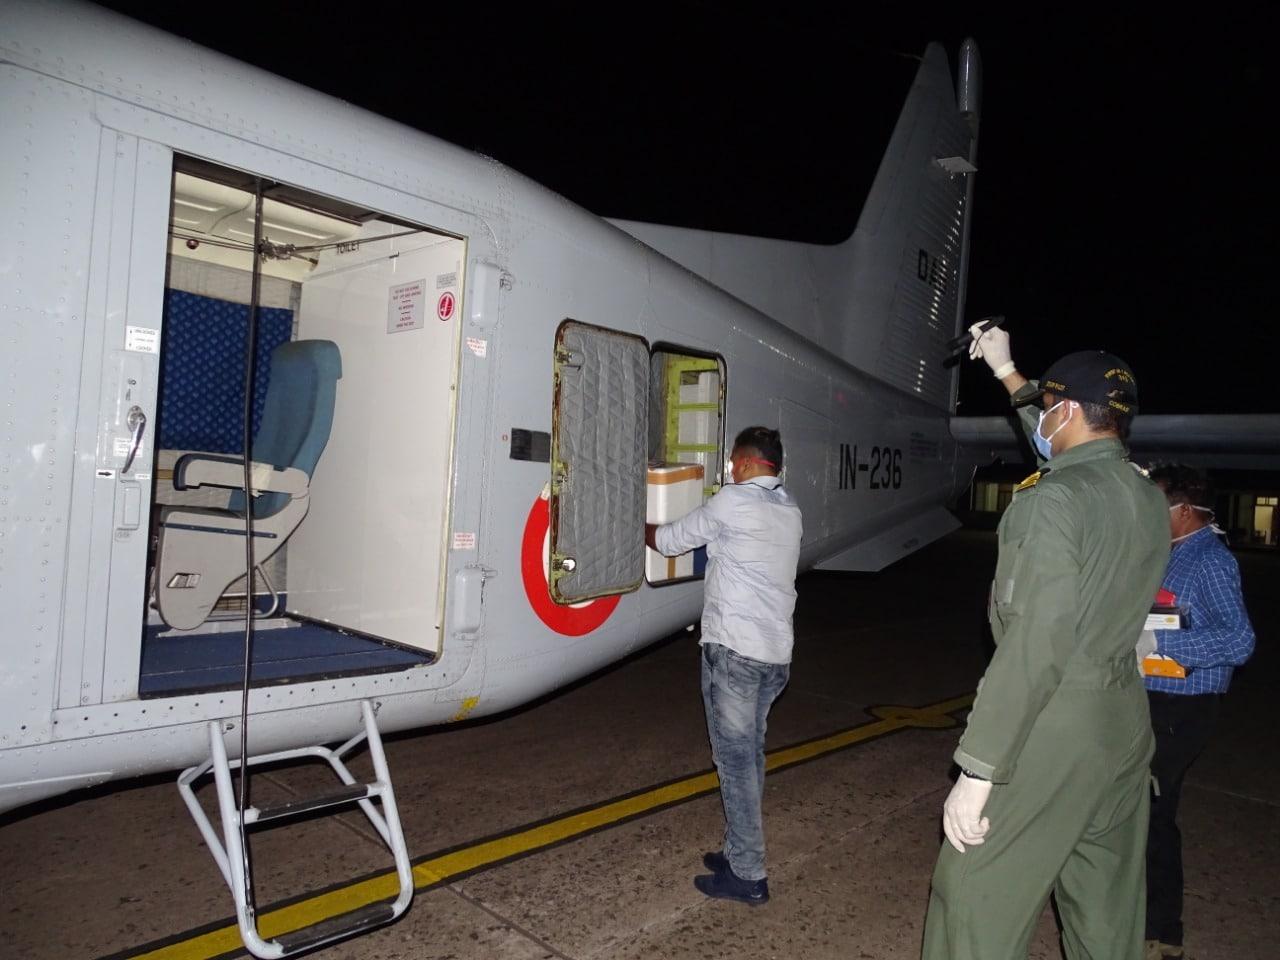 गोव्यामध्ये भारतीय वायू दल मदतीला धावून आले आहे. गोव्यामध्ये कोरोनाबाधित रुग्ण आढळून आहे.